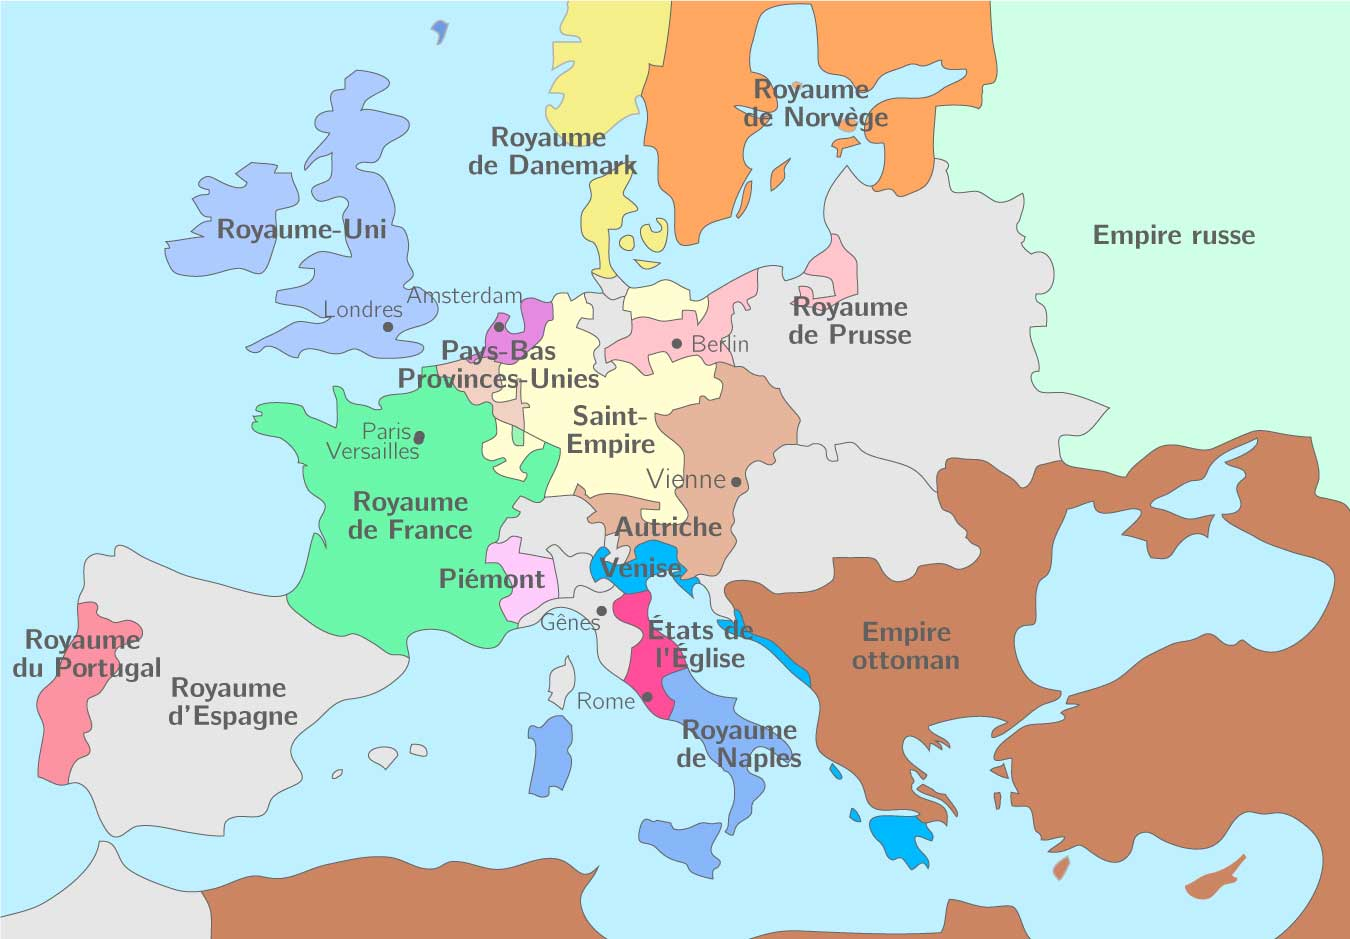 Les puissances européennes au début du XVIIIe siècle